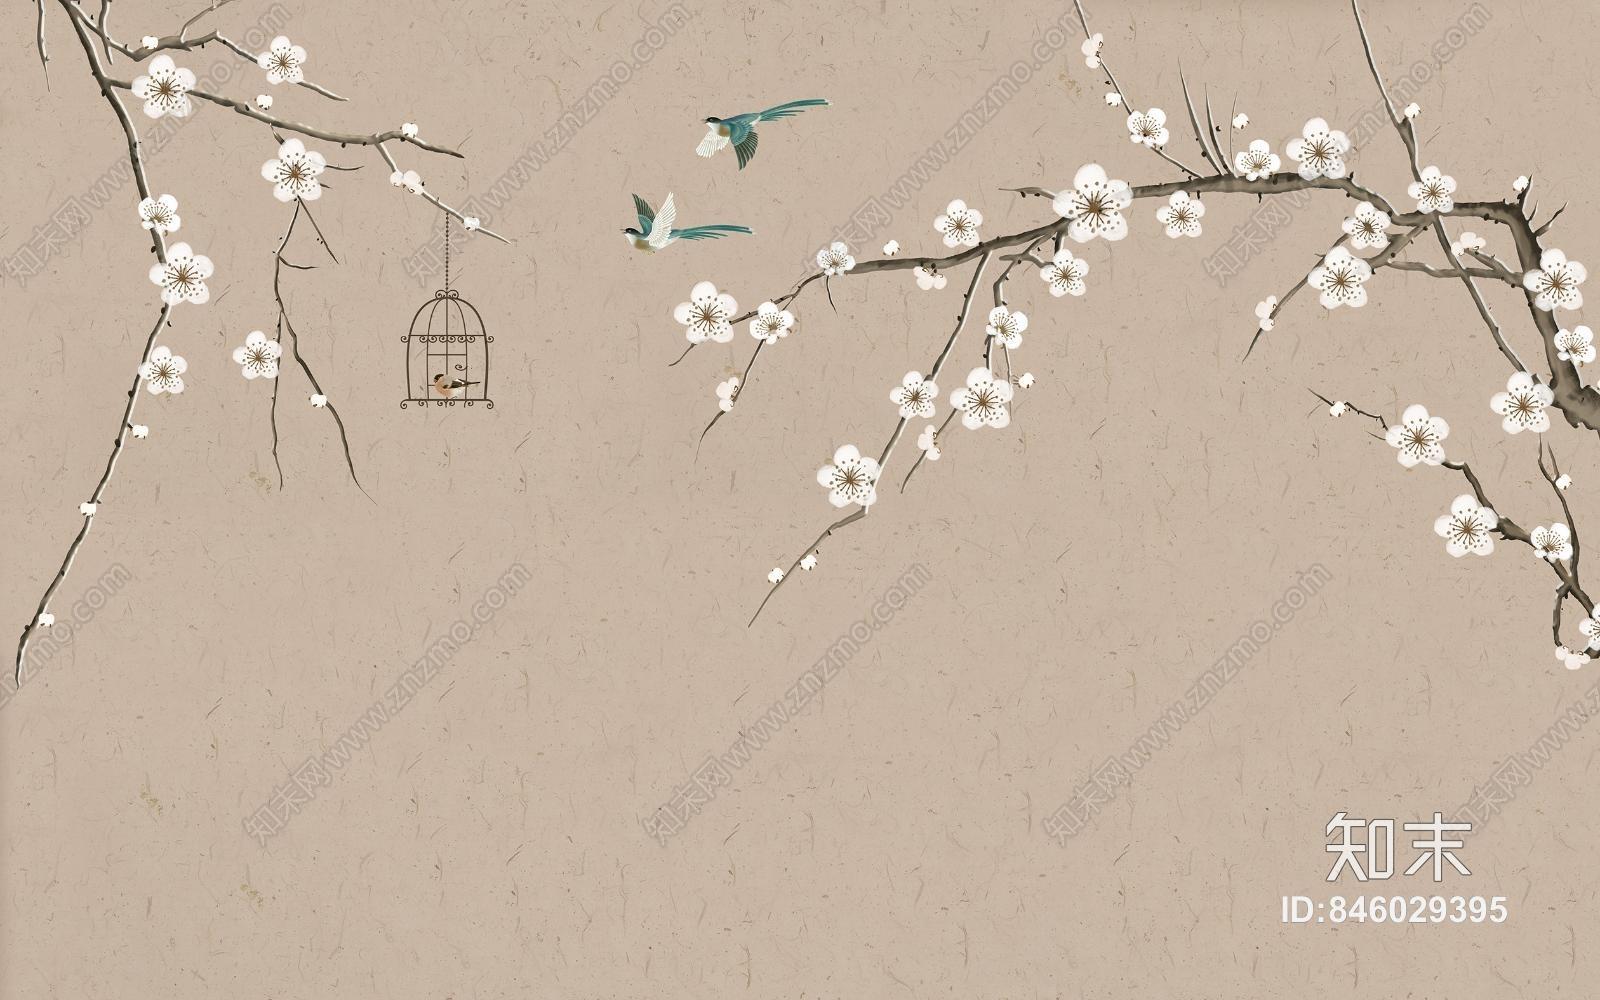 壁纸文化石 背景墙_新中式背景墙壁纸贴图下载【ID:846029395】_新中式背景墙壁纸材质 ...